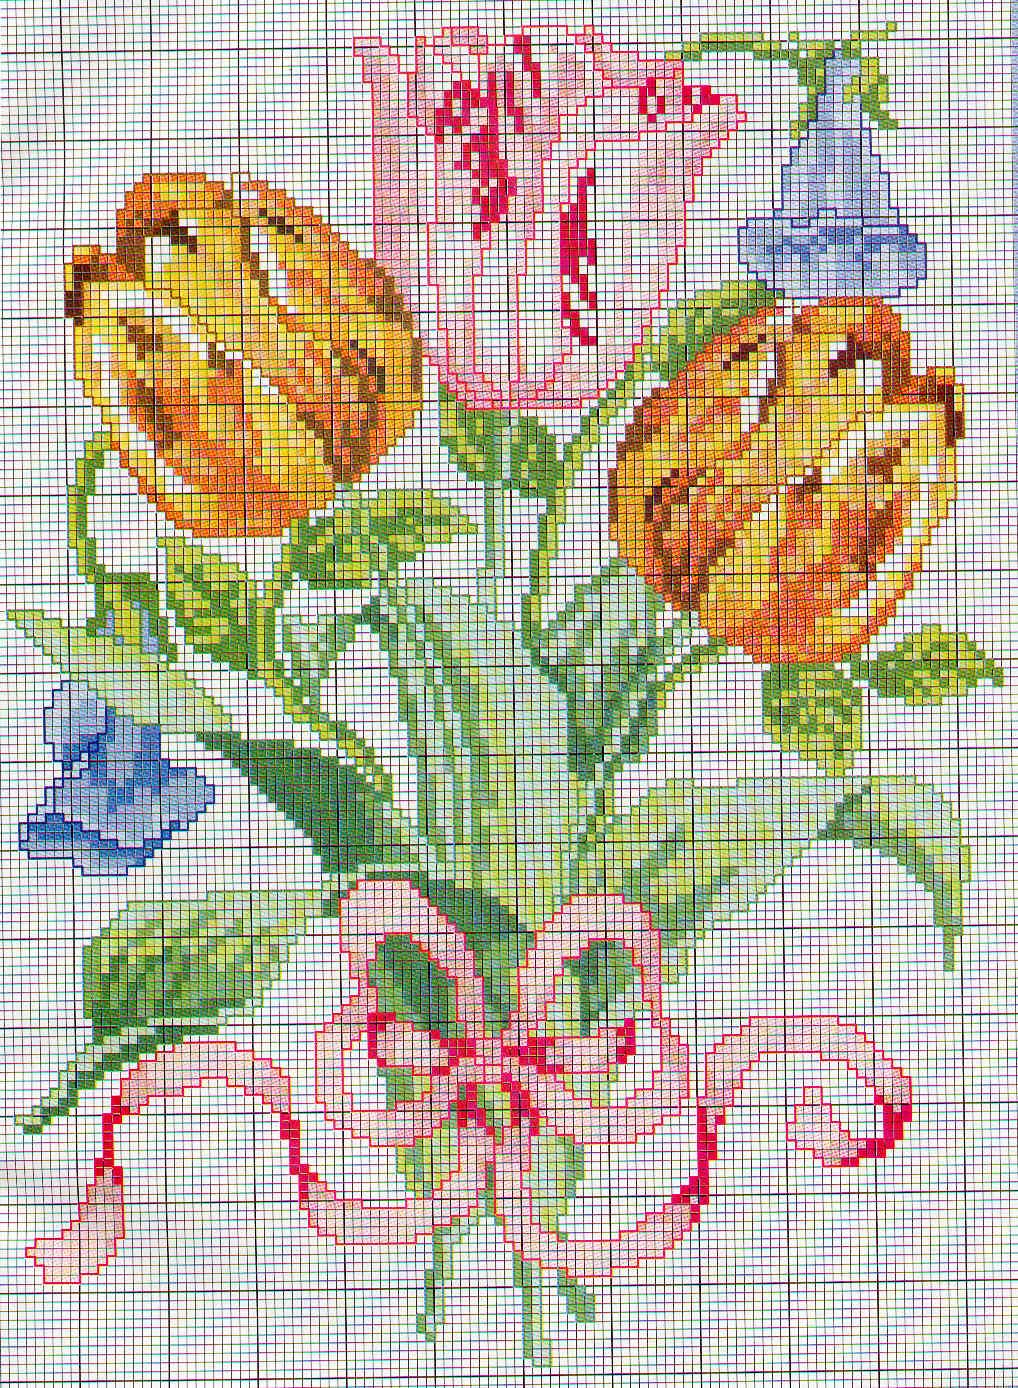 Tulipani a punto croce arancio e rosa for Immagini punto a croce